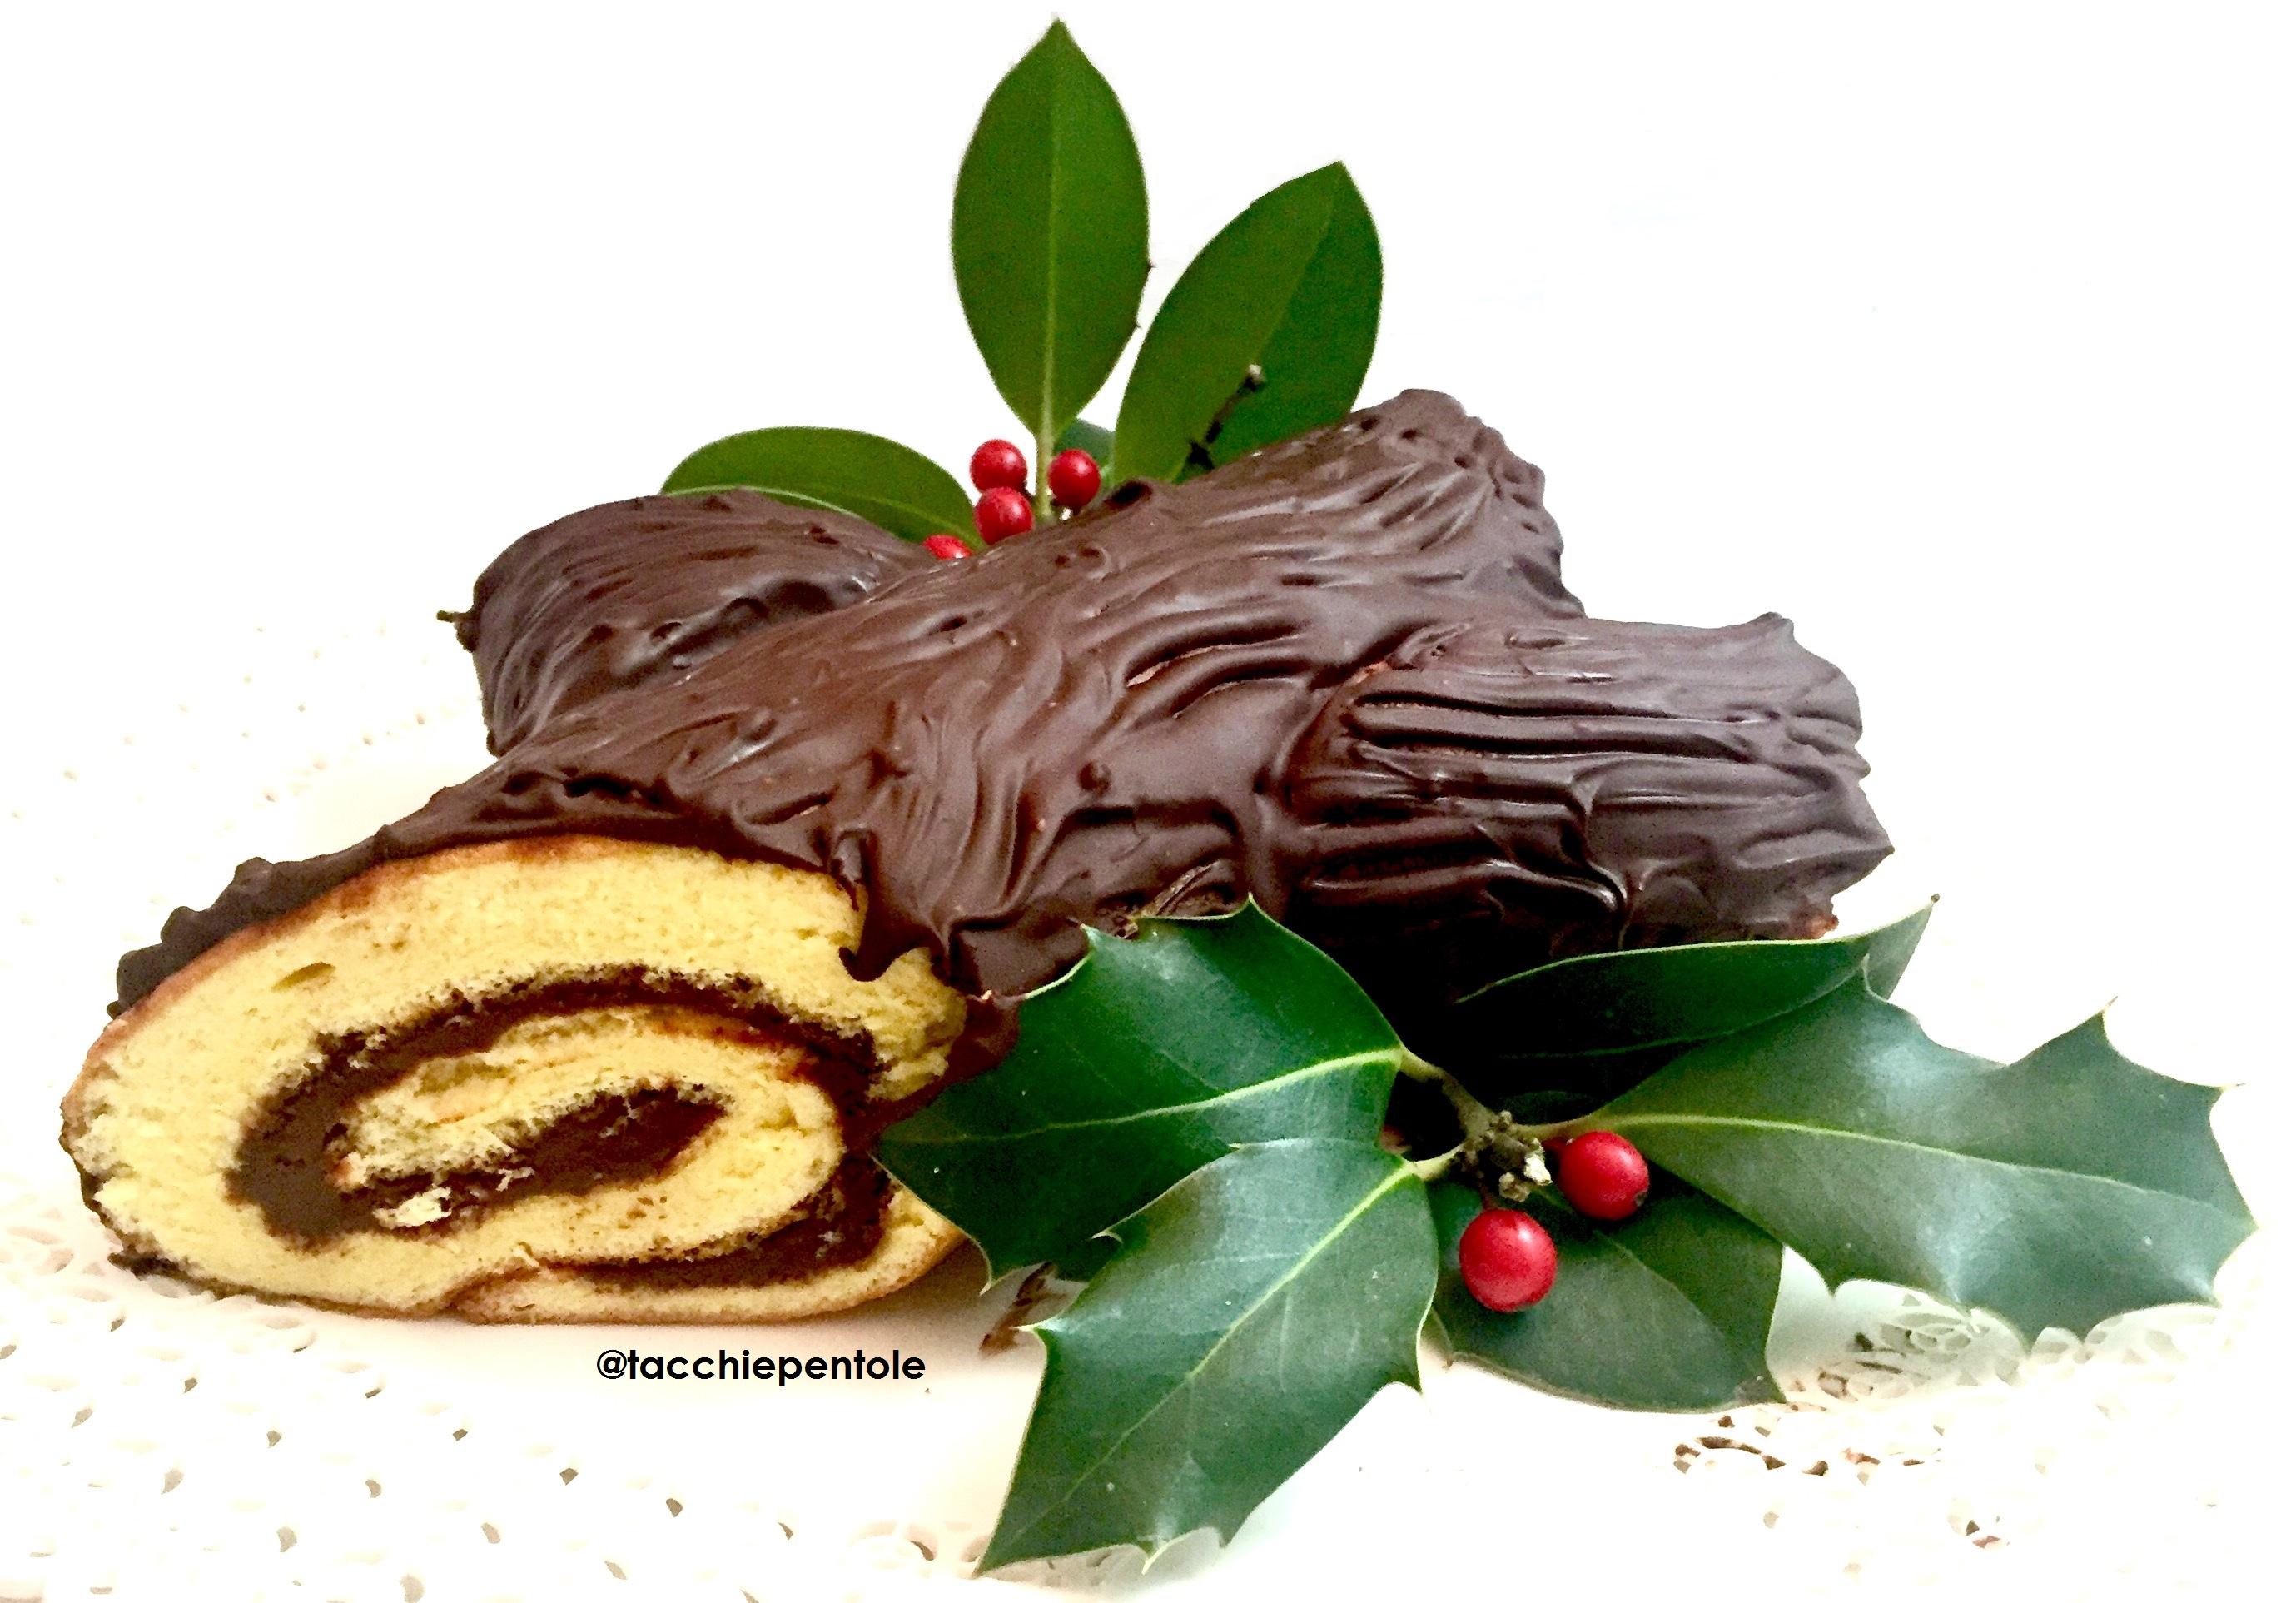 Tronchetto Di Natale Alla Ricotta.Tronchetto Di Natale Alla Nutella Tacchi E Pentole